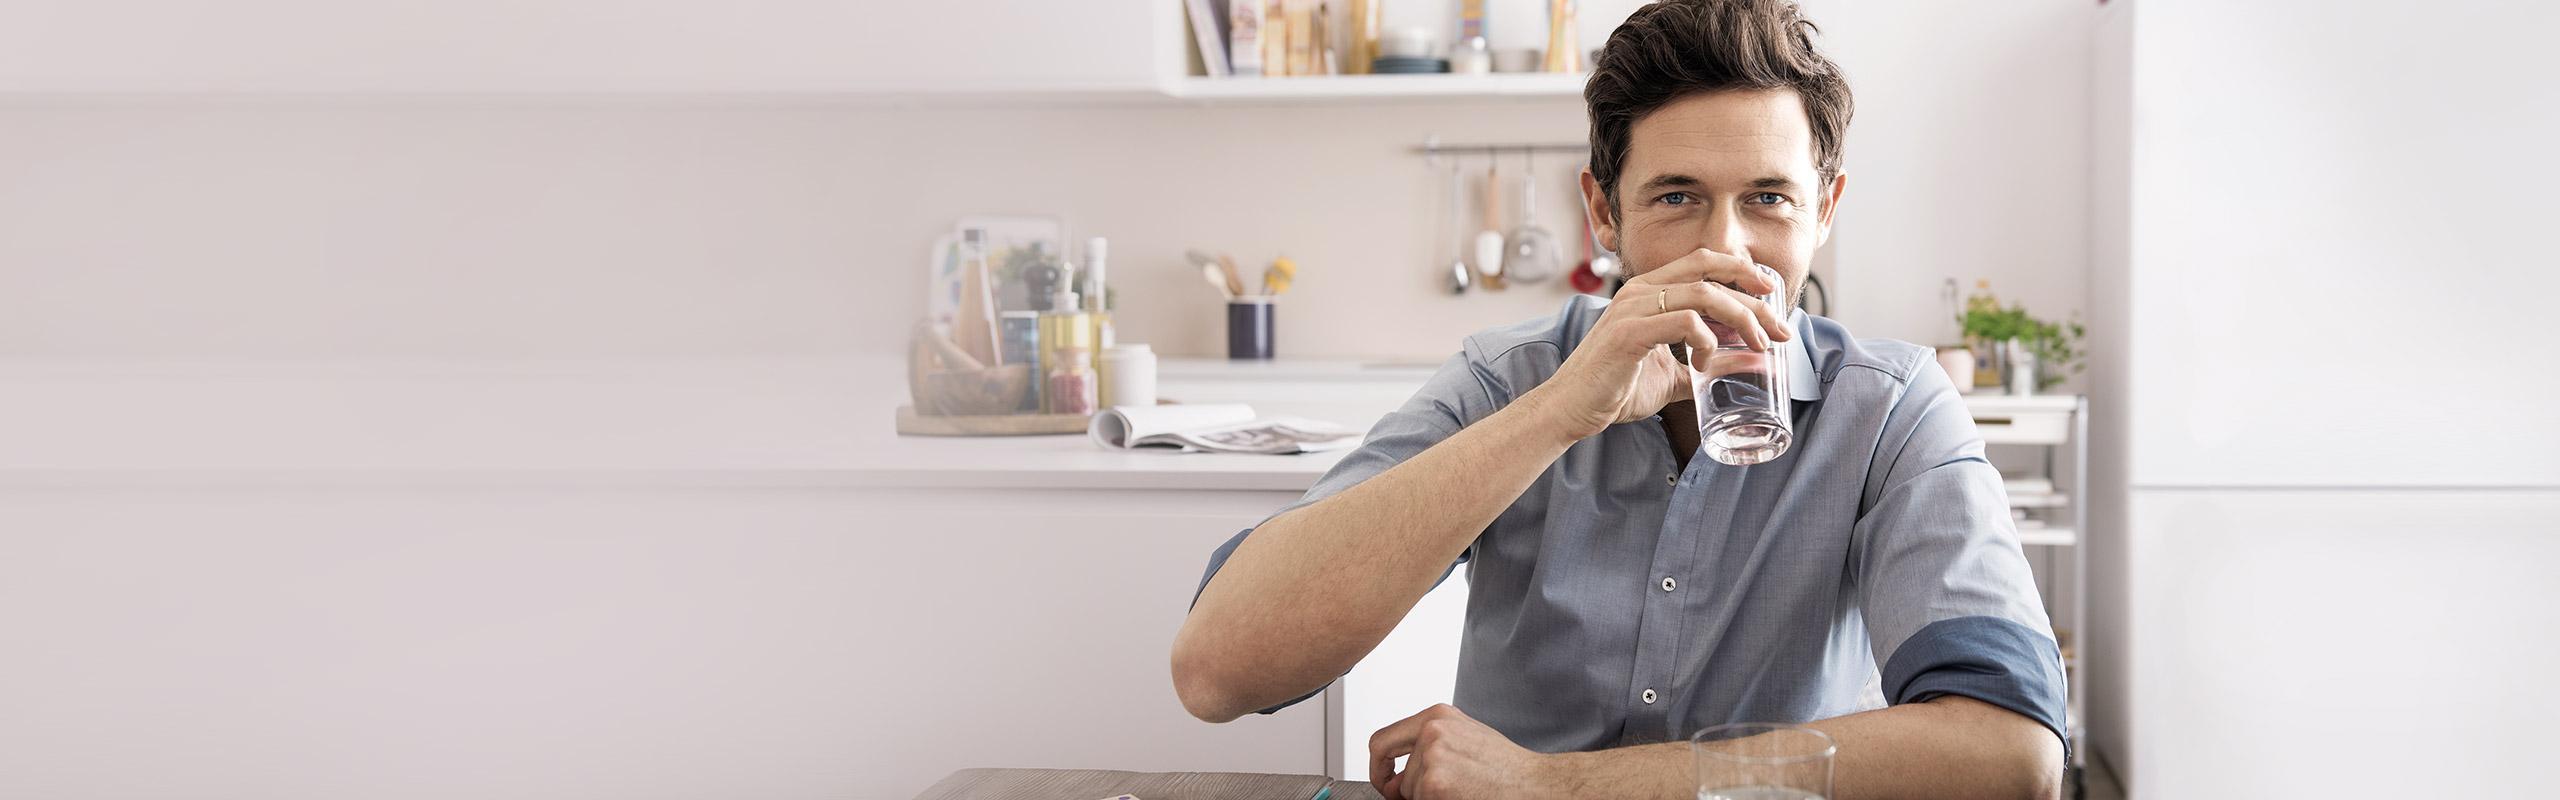 Een man zit in de keuken en drinkt water.